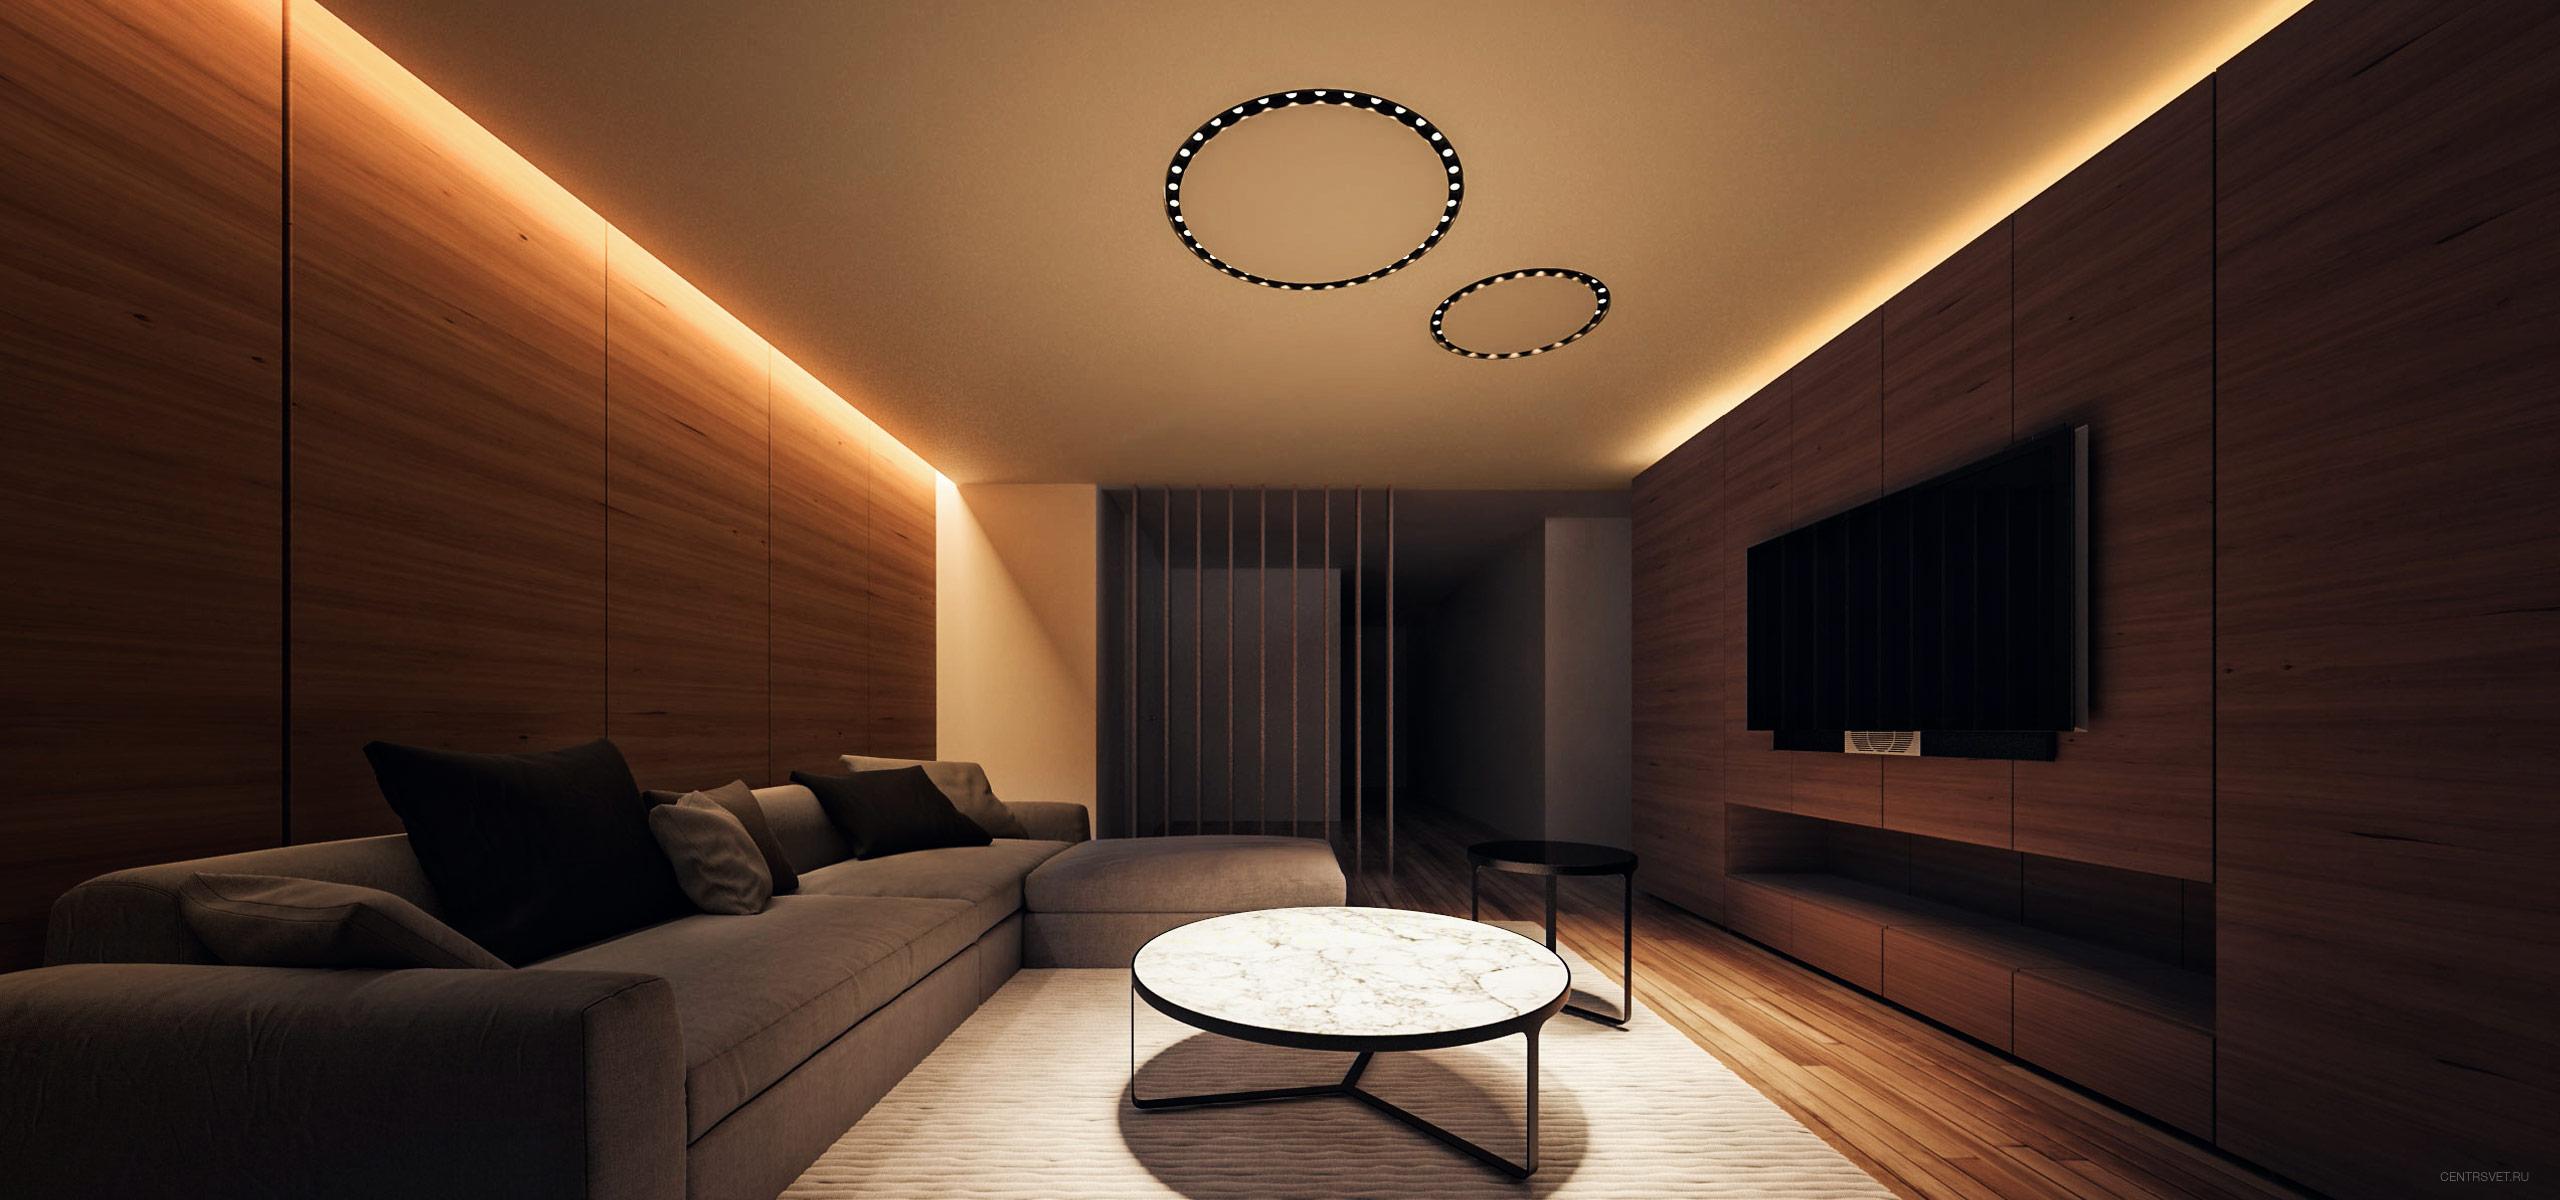 Необычное освещене в комнату